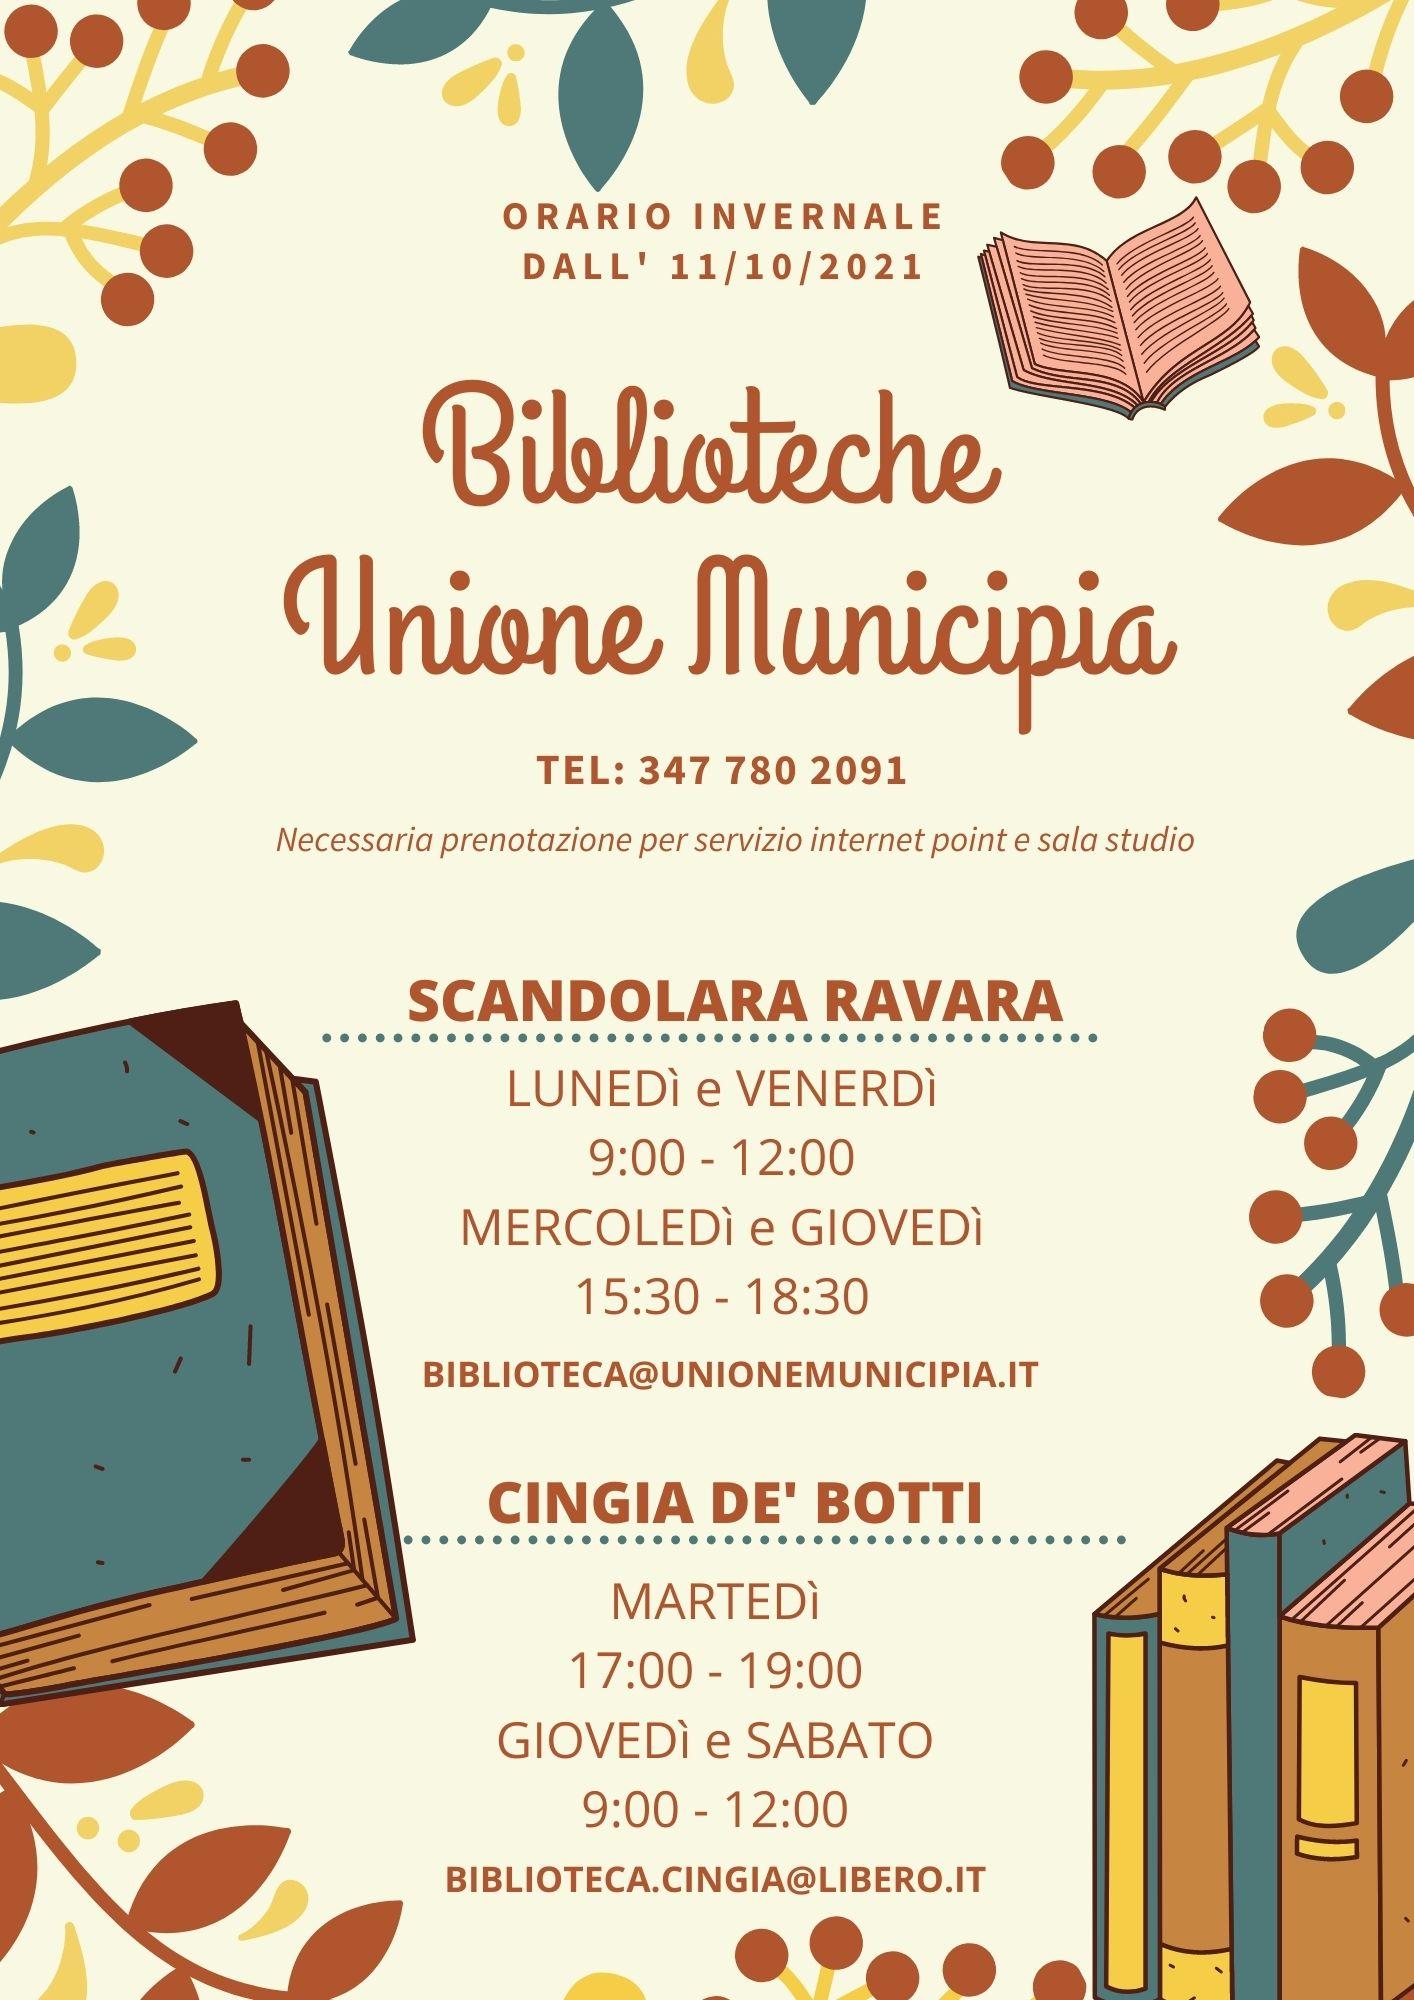 biblioteche-unione-municipia-orari-nuovi-2021